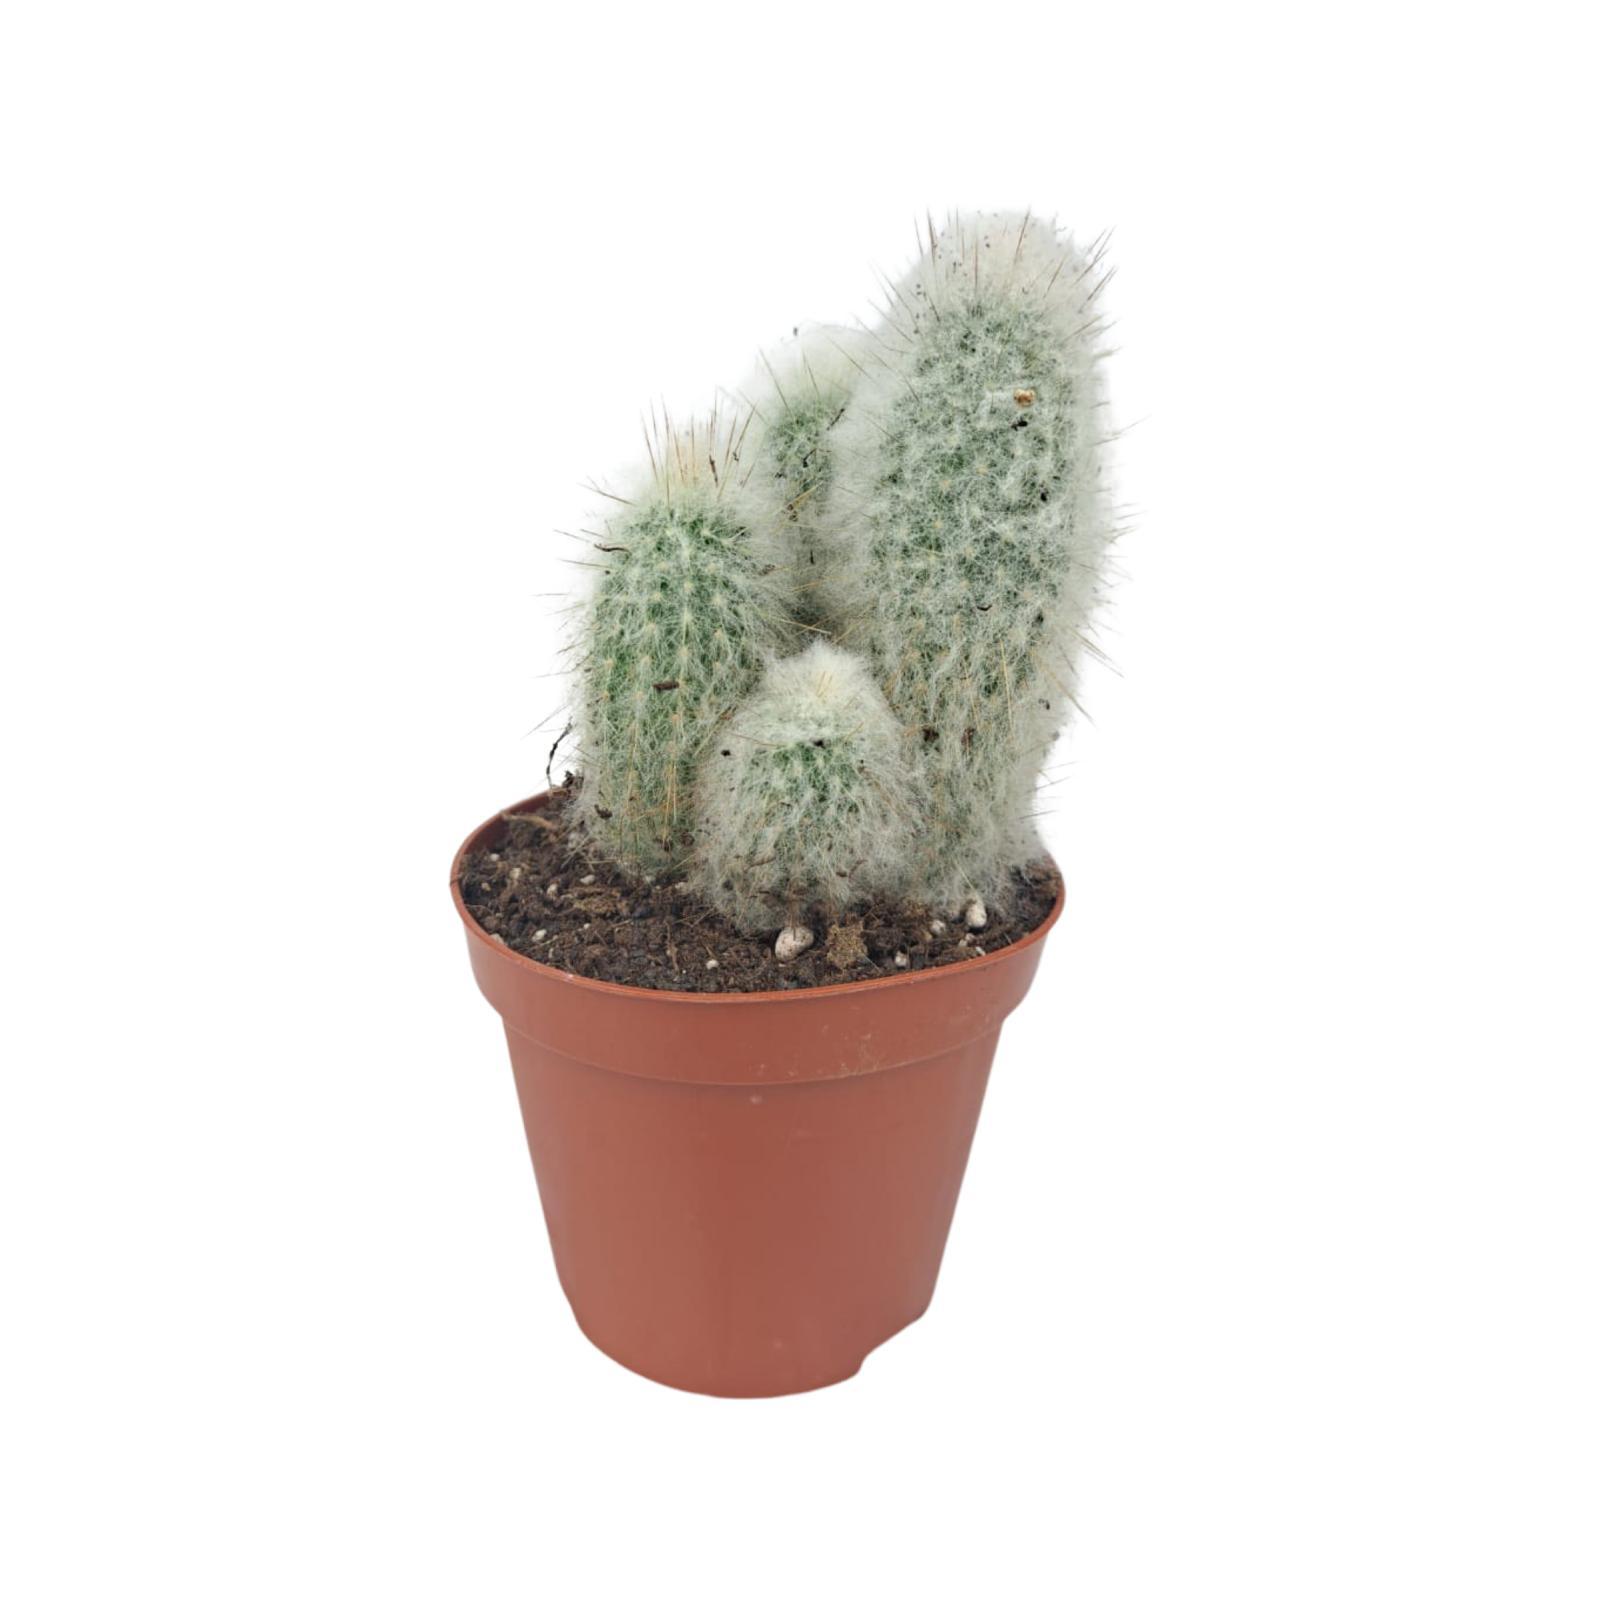 Old Man Cactus Wholesale Plants